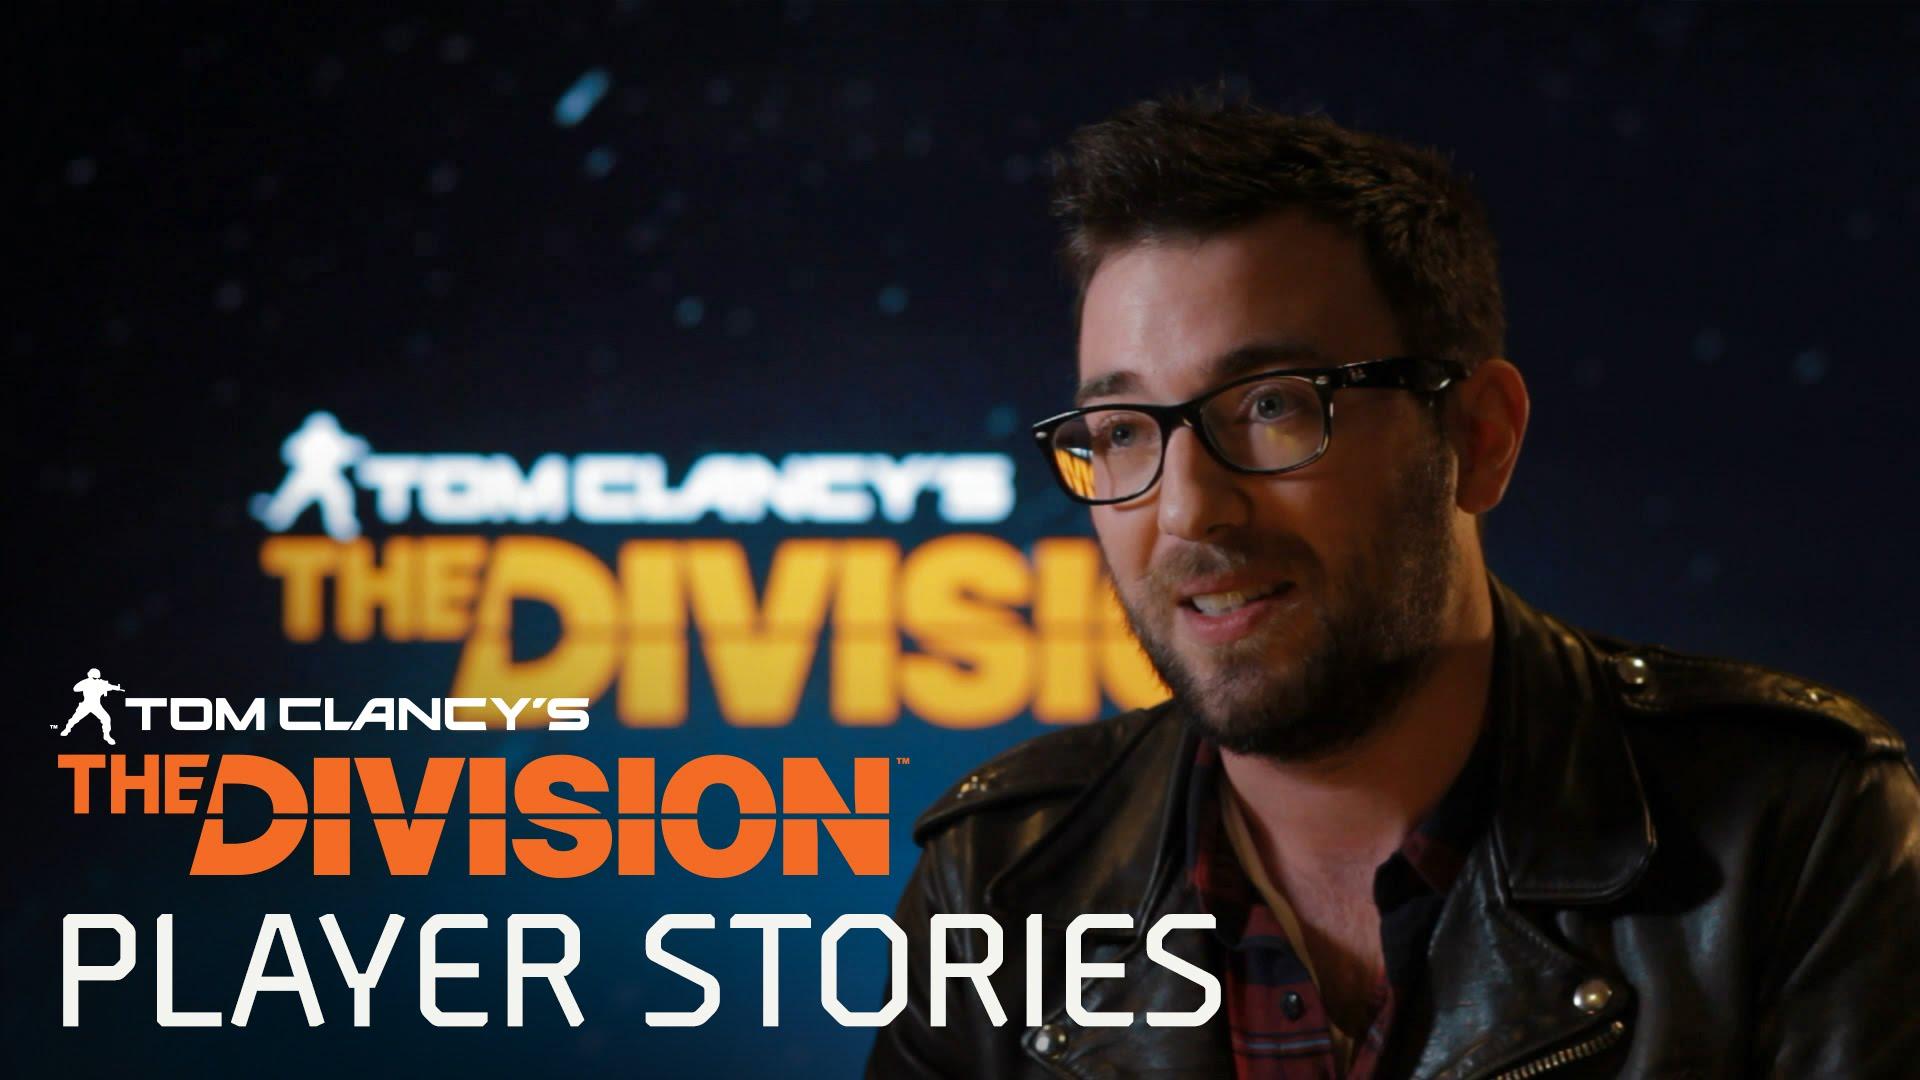 Un nou trailer Tom Clancy's The Division prezintă experiența inițială a jucătorilor